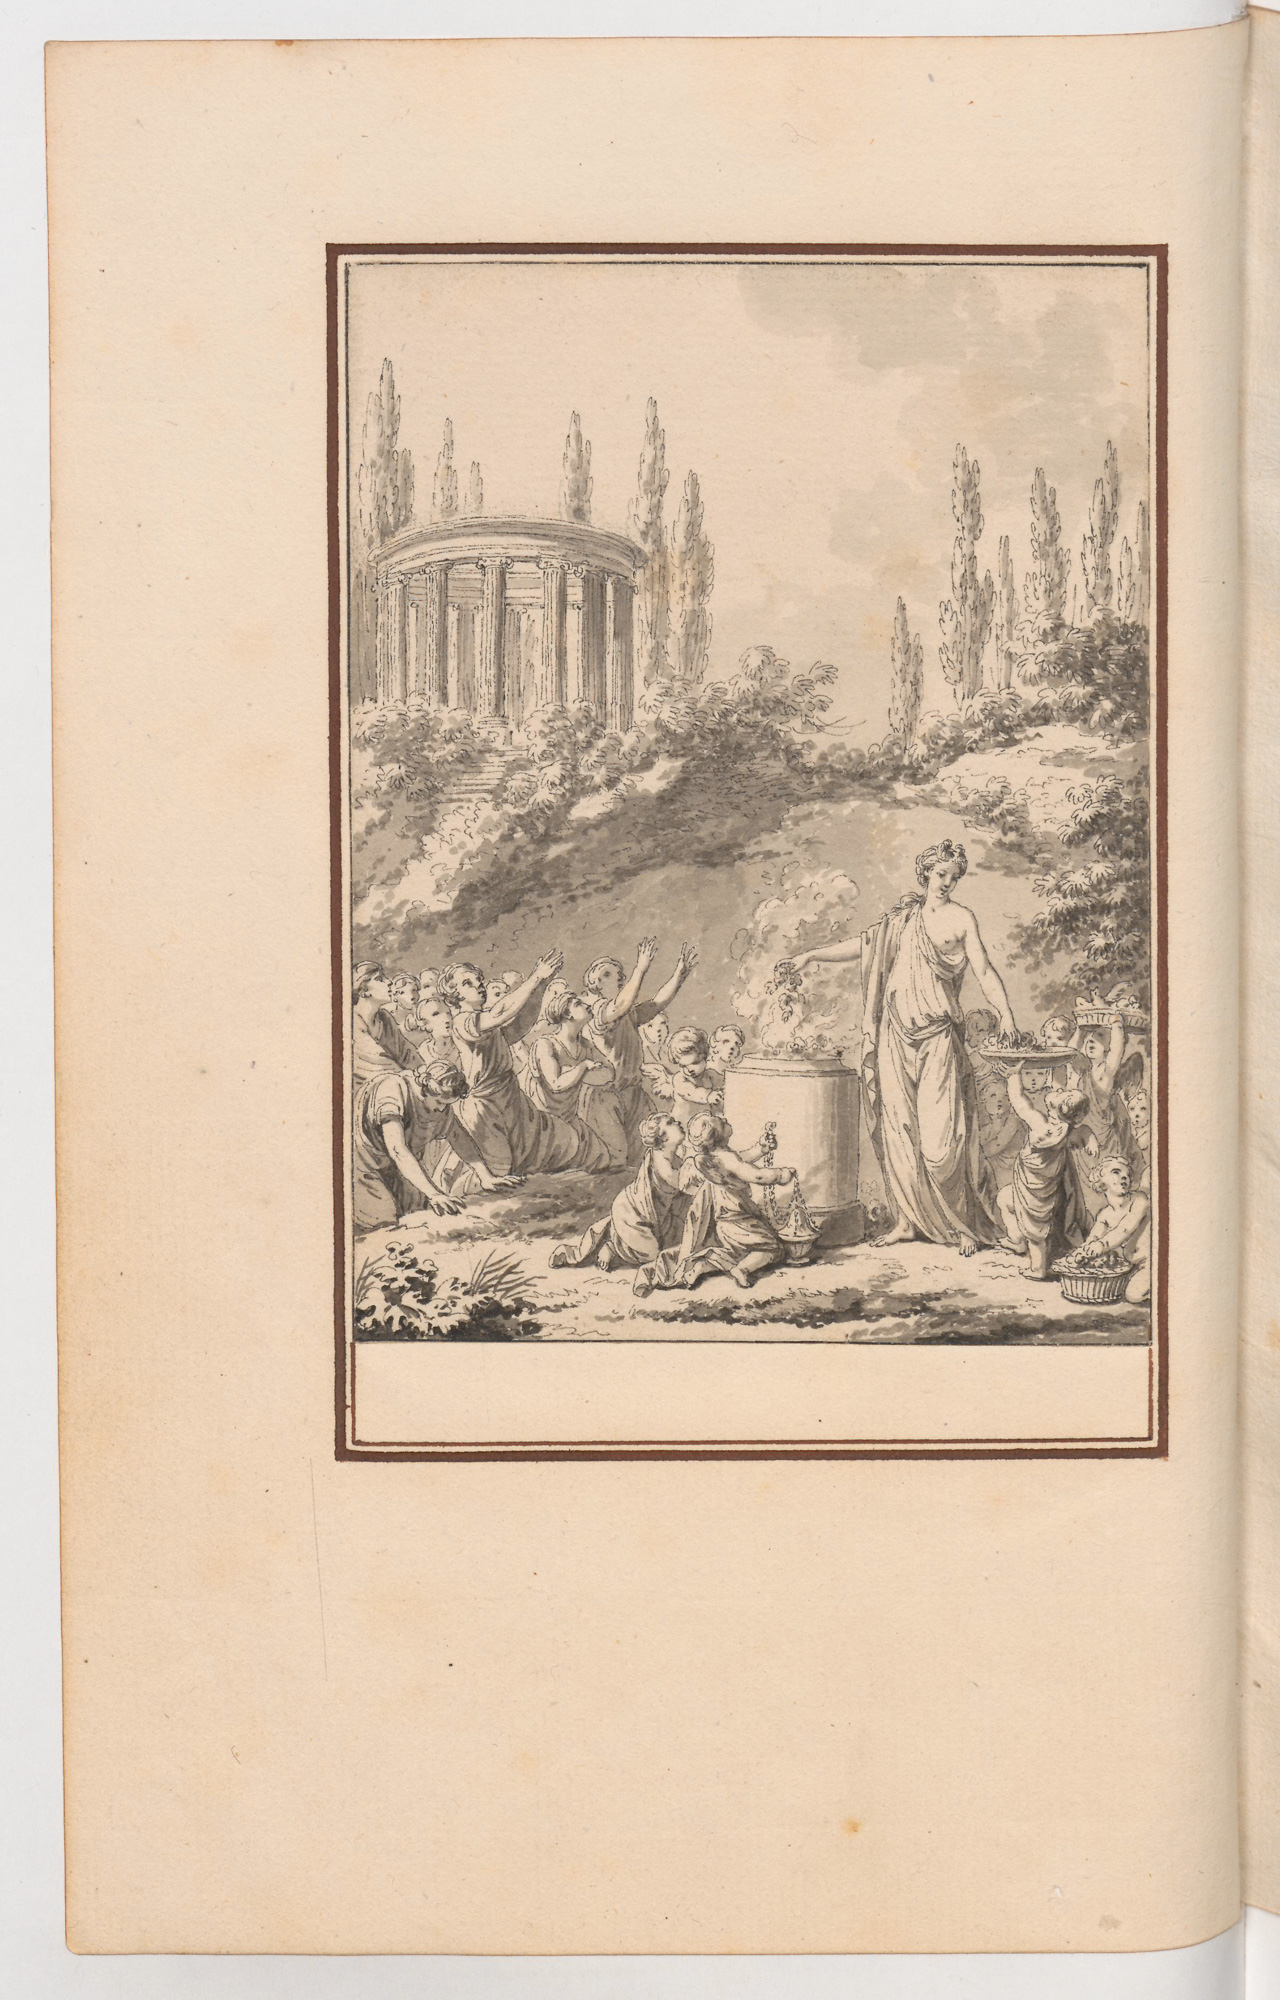 S.4.01 La chapelle de Vénus, Chantilly, Image